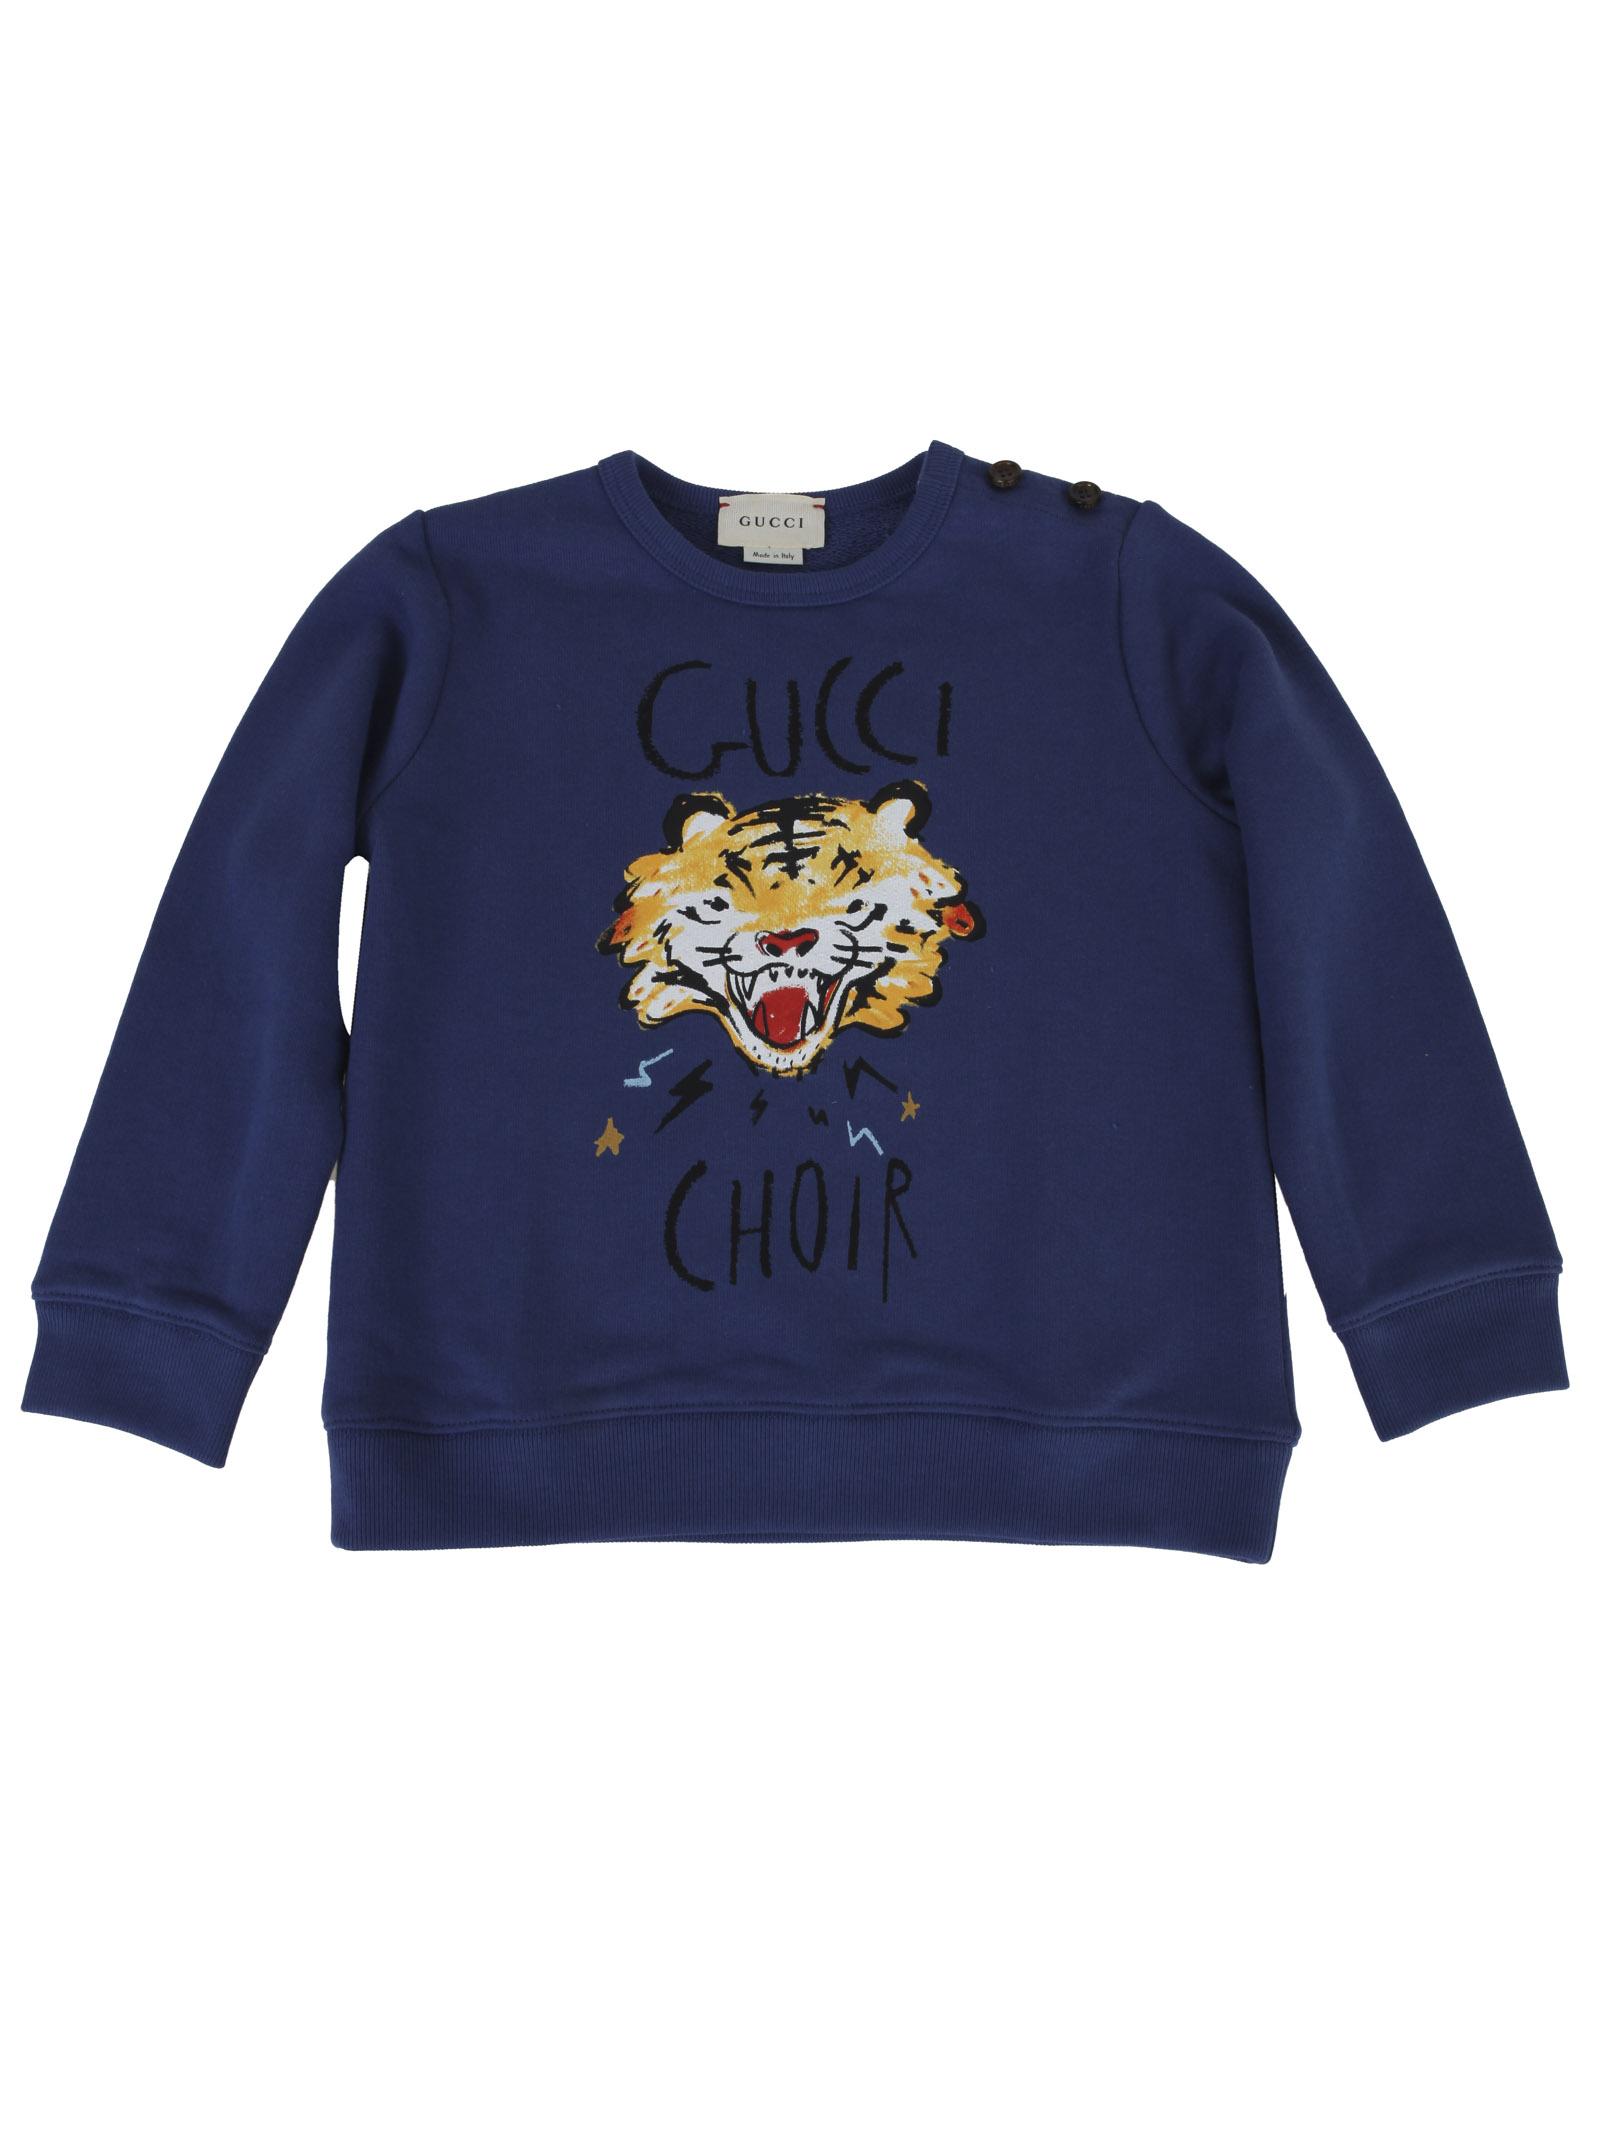 b9e7294edd Gucci Junior sweatshirt - Gucci Junior - Michele Franzese Moda